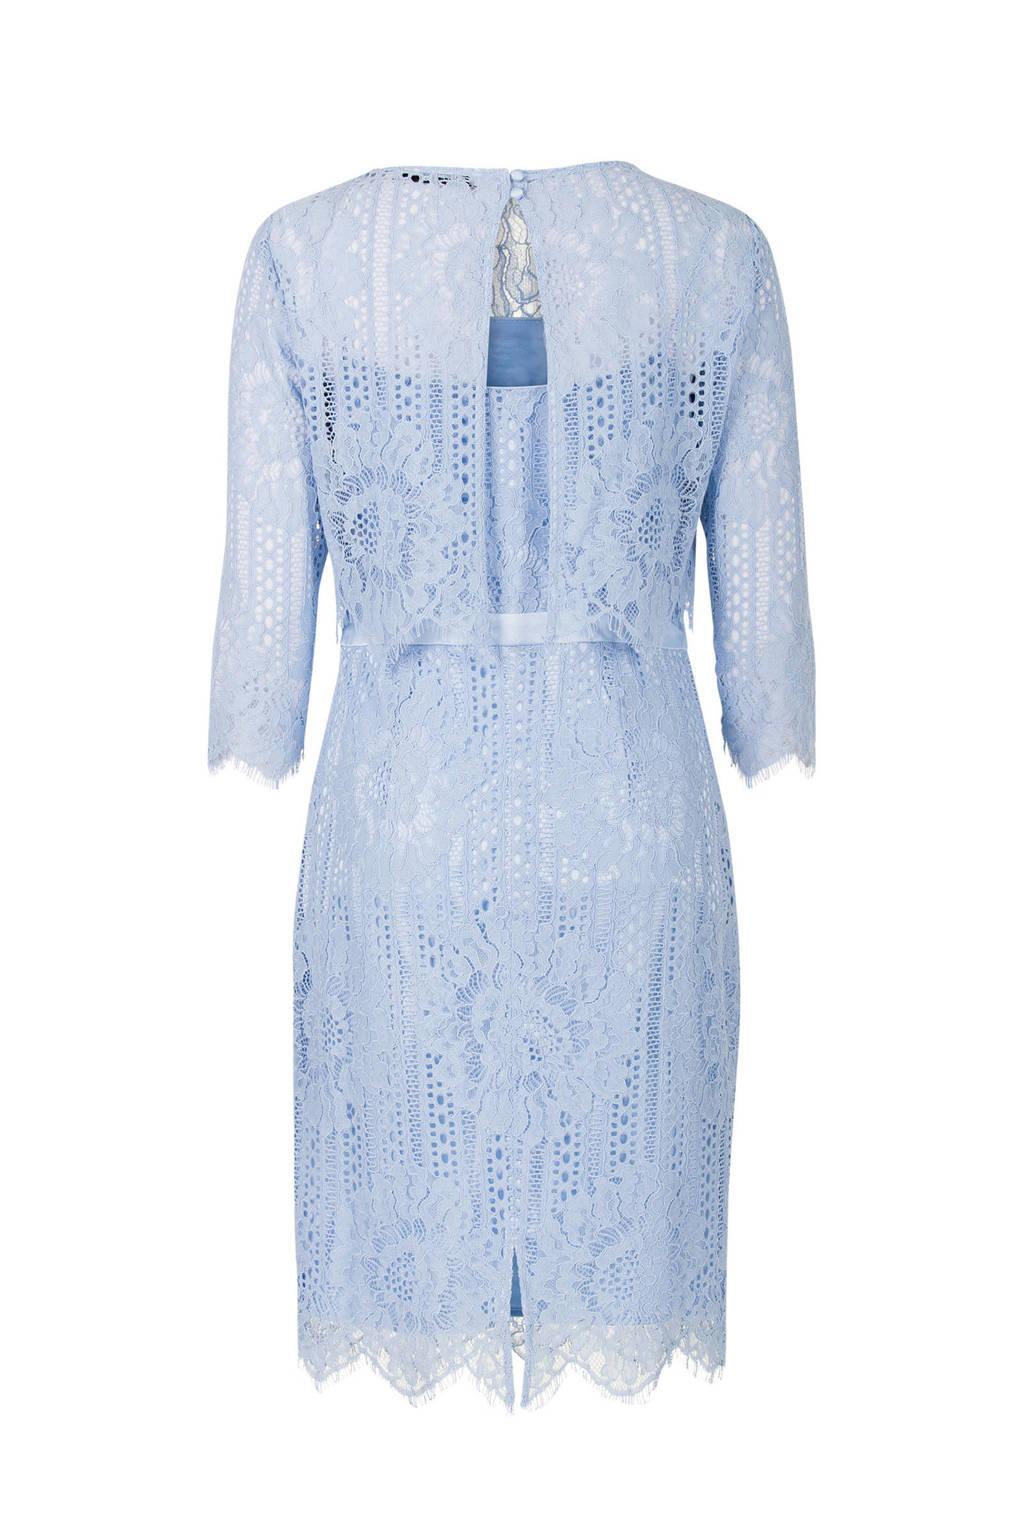 Steps jurk met kant lichtblauw, Lichtblauw